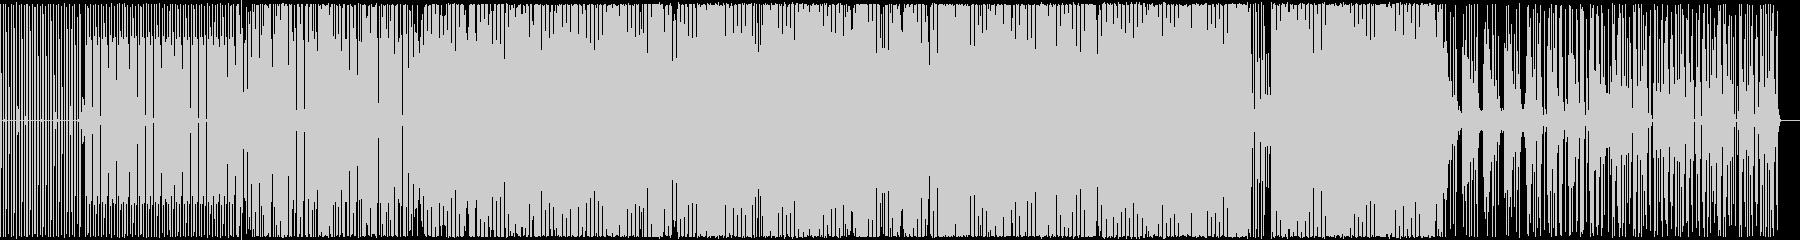 スロー。落ち着いたベースライン。の未再生の波形